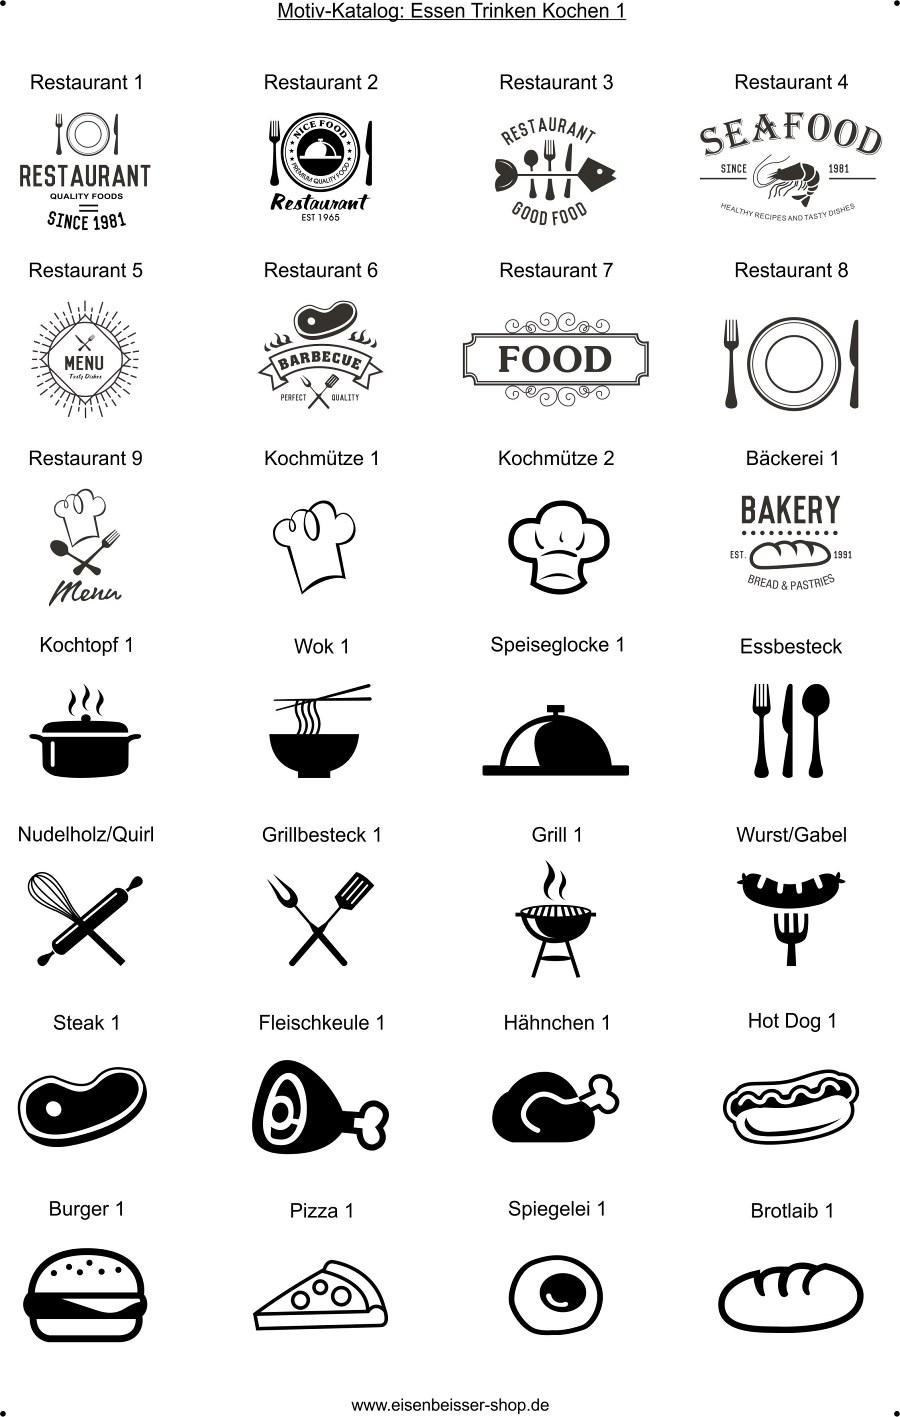 Lasergravur Grafik - Motiv Essen Trinken Kochen